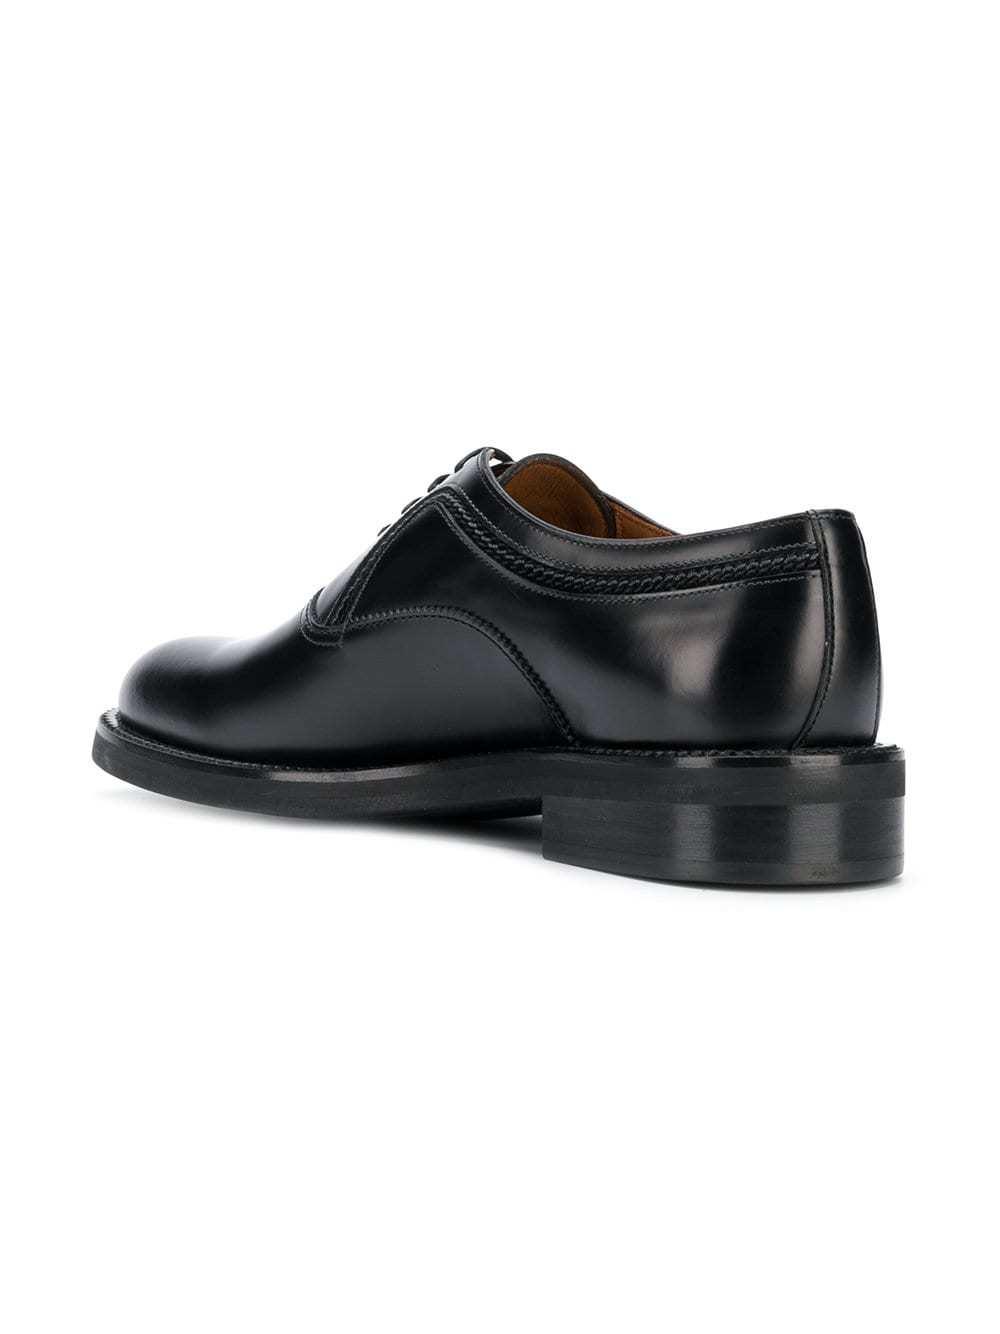 Lanvin Classic Derby Shoes, $439